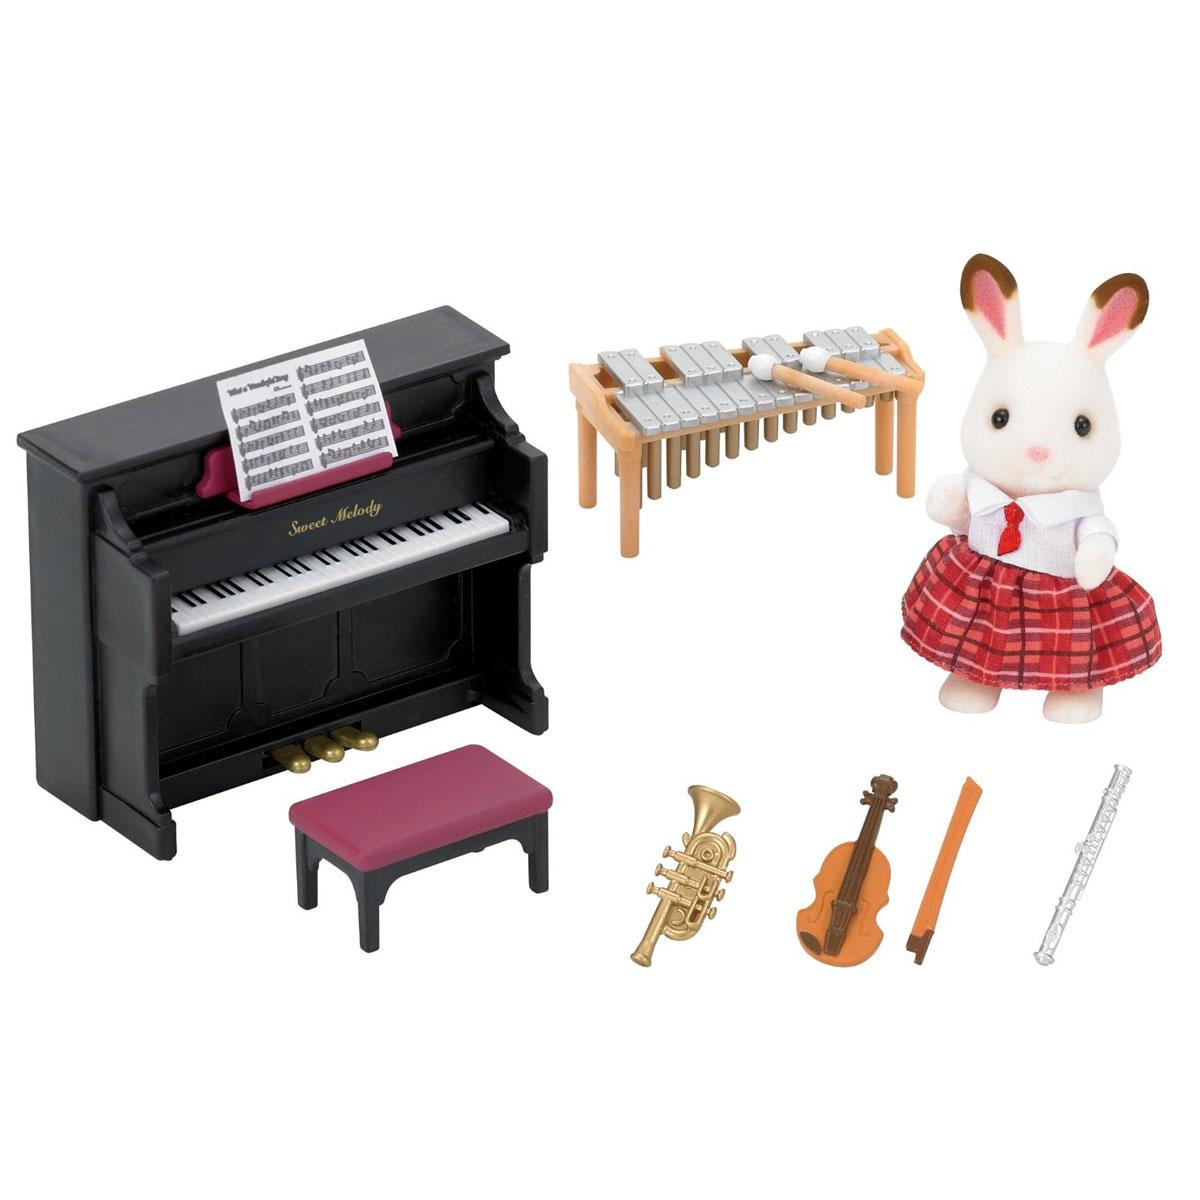 Sylvanian Families Игровой набор Школьный оркестр5106Игровой набор Sylvanian Families Школьный оркестр станет самой интересной игрушкой для вашего ребенка. Ведь он тщательным образом продуман до мелочей. Здесь можно увидеть кролика Марию в школьной форме, скрипку со смычком, трубу, фортепиано, барабан, флейту и ноты. Это все настолько интересно и реалистично, что ребенок будет чувствовать себя, как будто он находится в настоящей музыкальной школе. Все детали набора выполнены из высококачественных и нетоксичных материалов. Этот прекрасный набор отлично подходит для ролевых и сюжетных игр. Компания Sylvanian Families была основана в 1985 году, в Японии. Sylvanian Families очень популярна в Европе и Азии и, за долгие годы существования, компания смогла добиться больших успехов. 3 года подряд в Англии бренд Sylvanian Families был признан Игрушкой Года. Сегодня у героев Sylvanian Families есть собственное шоу, полнометражный мультфильм и сеть ресторанов, работающая по всей Японии. Sylvanian Families - это целый мир...